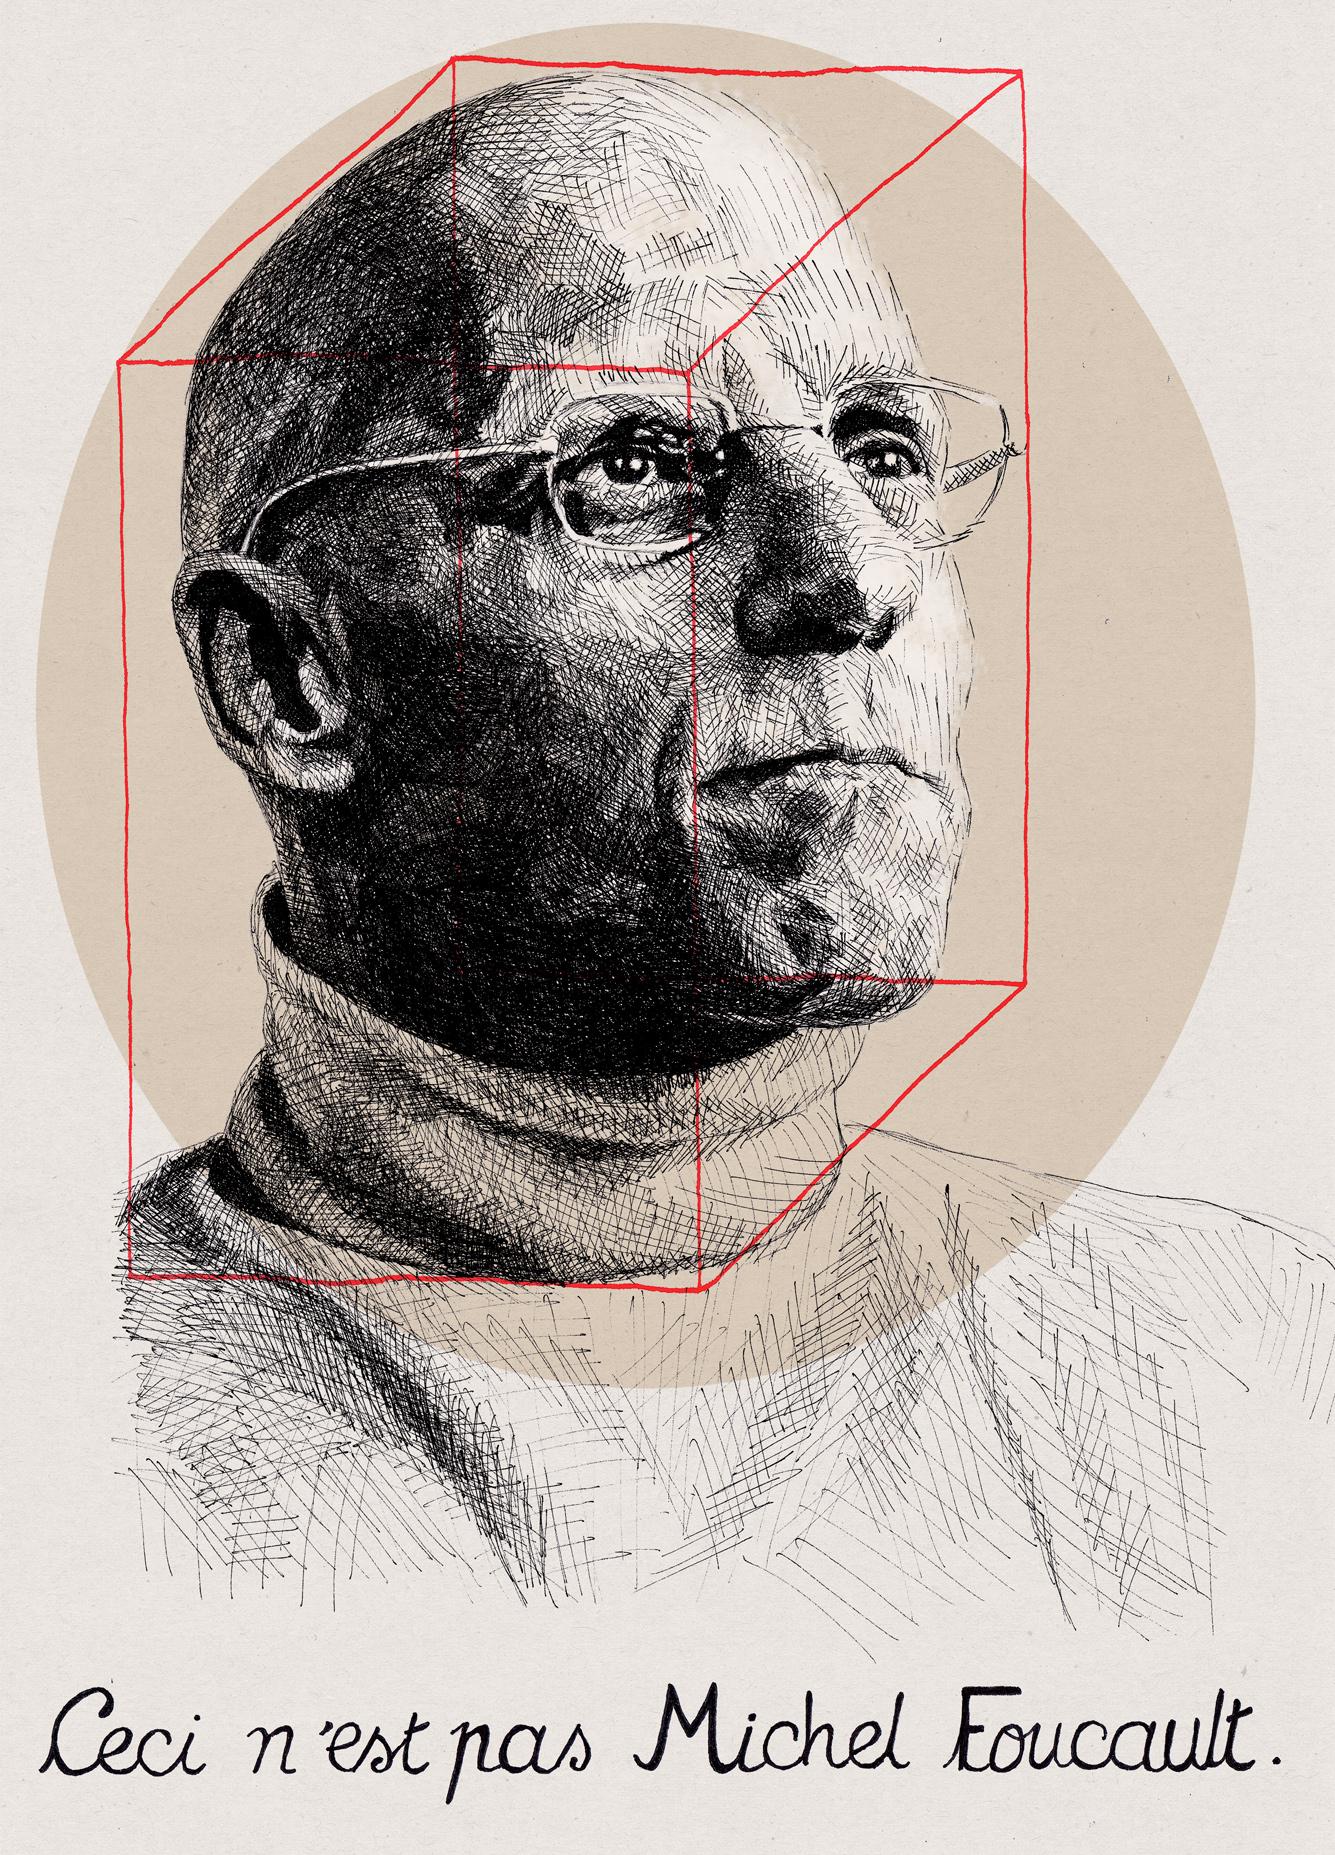 Ceci-n-est-pas-Michel-Foucault-2.2